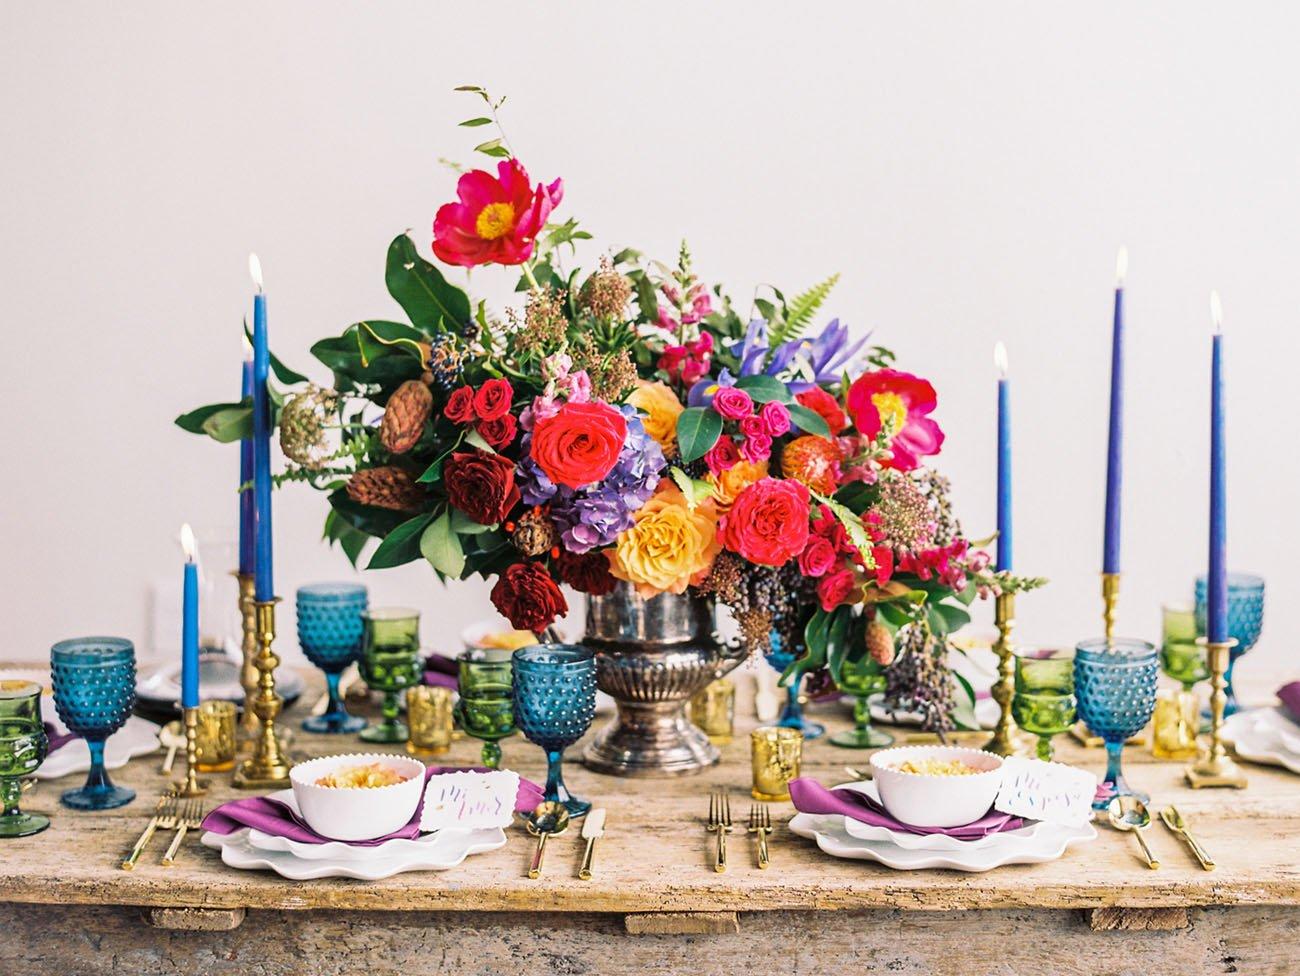 20 ideas de arreglos florales para centros de mesa centro de mesa de colores altavistaventures Image collections